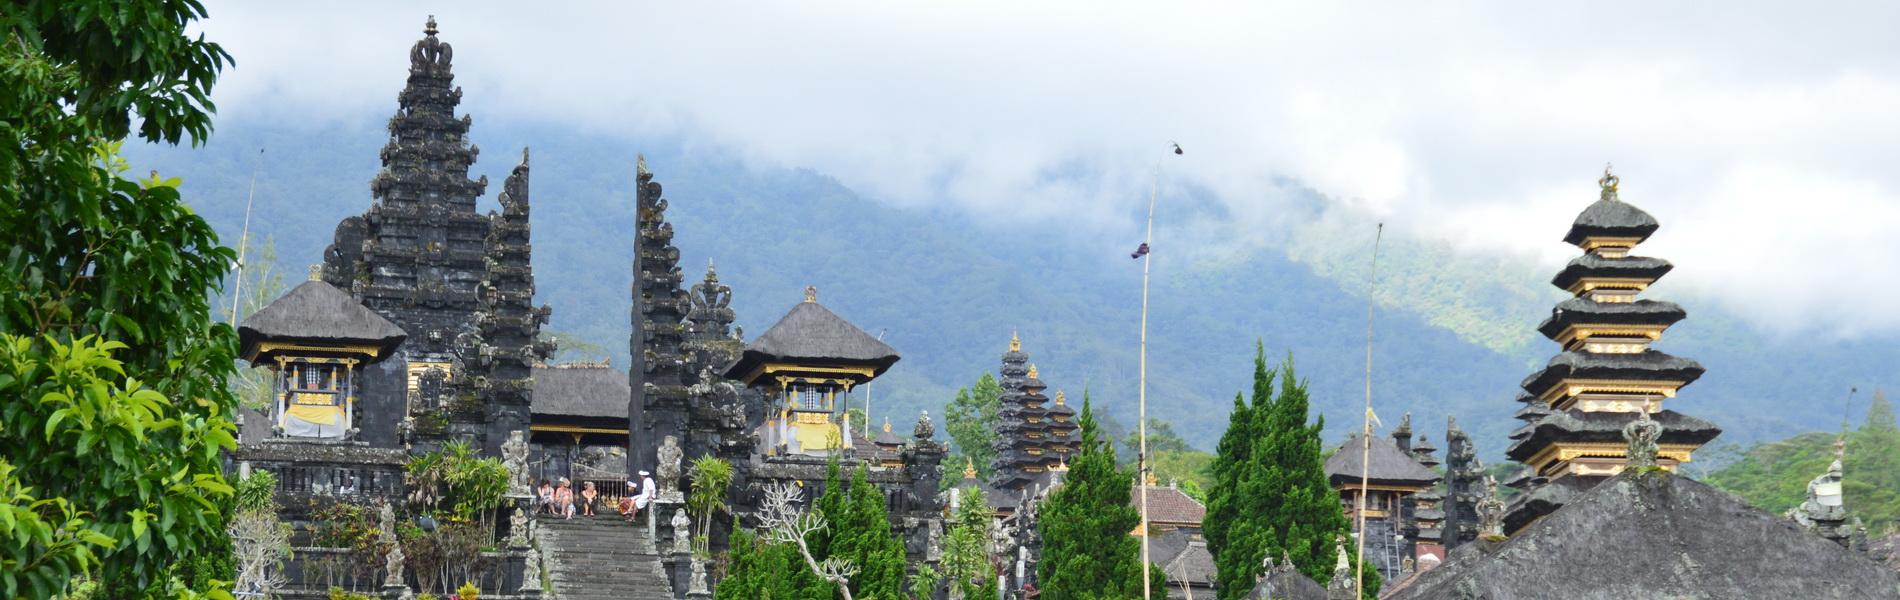 Informationen zu einer Reise nach Bali